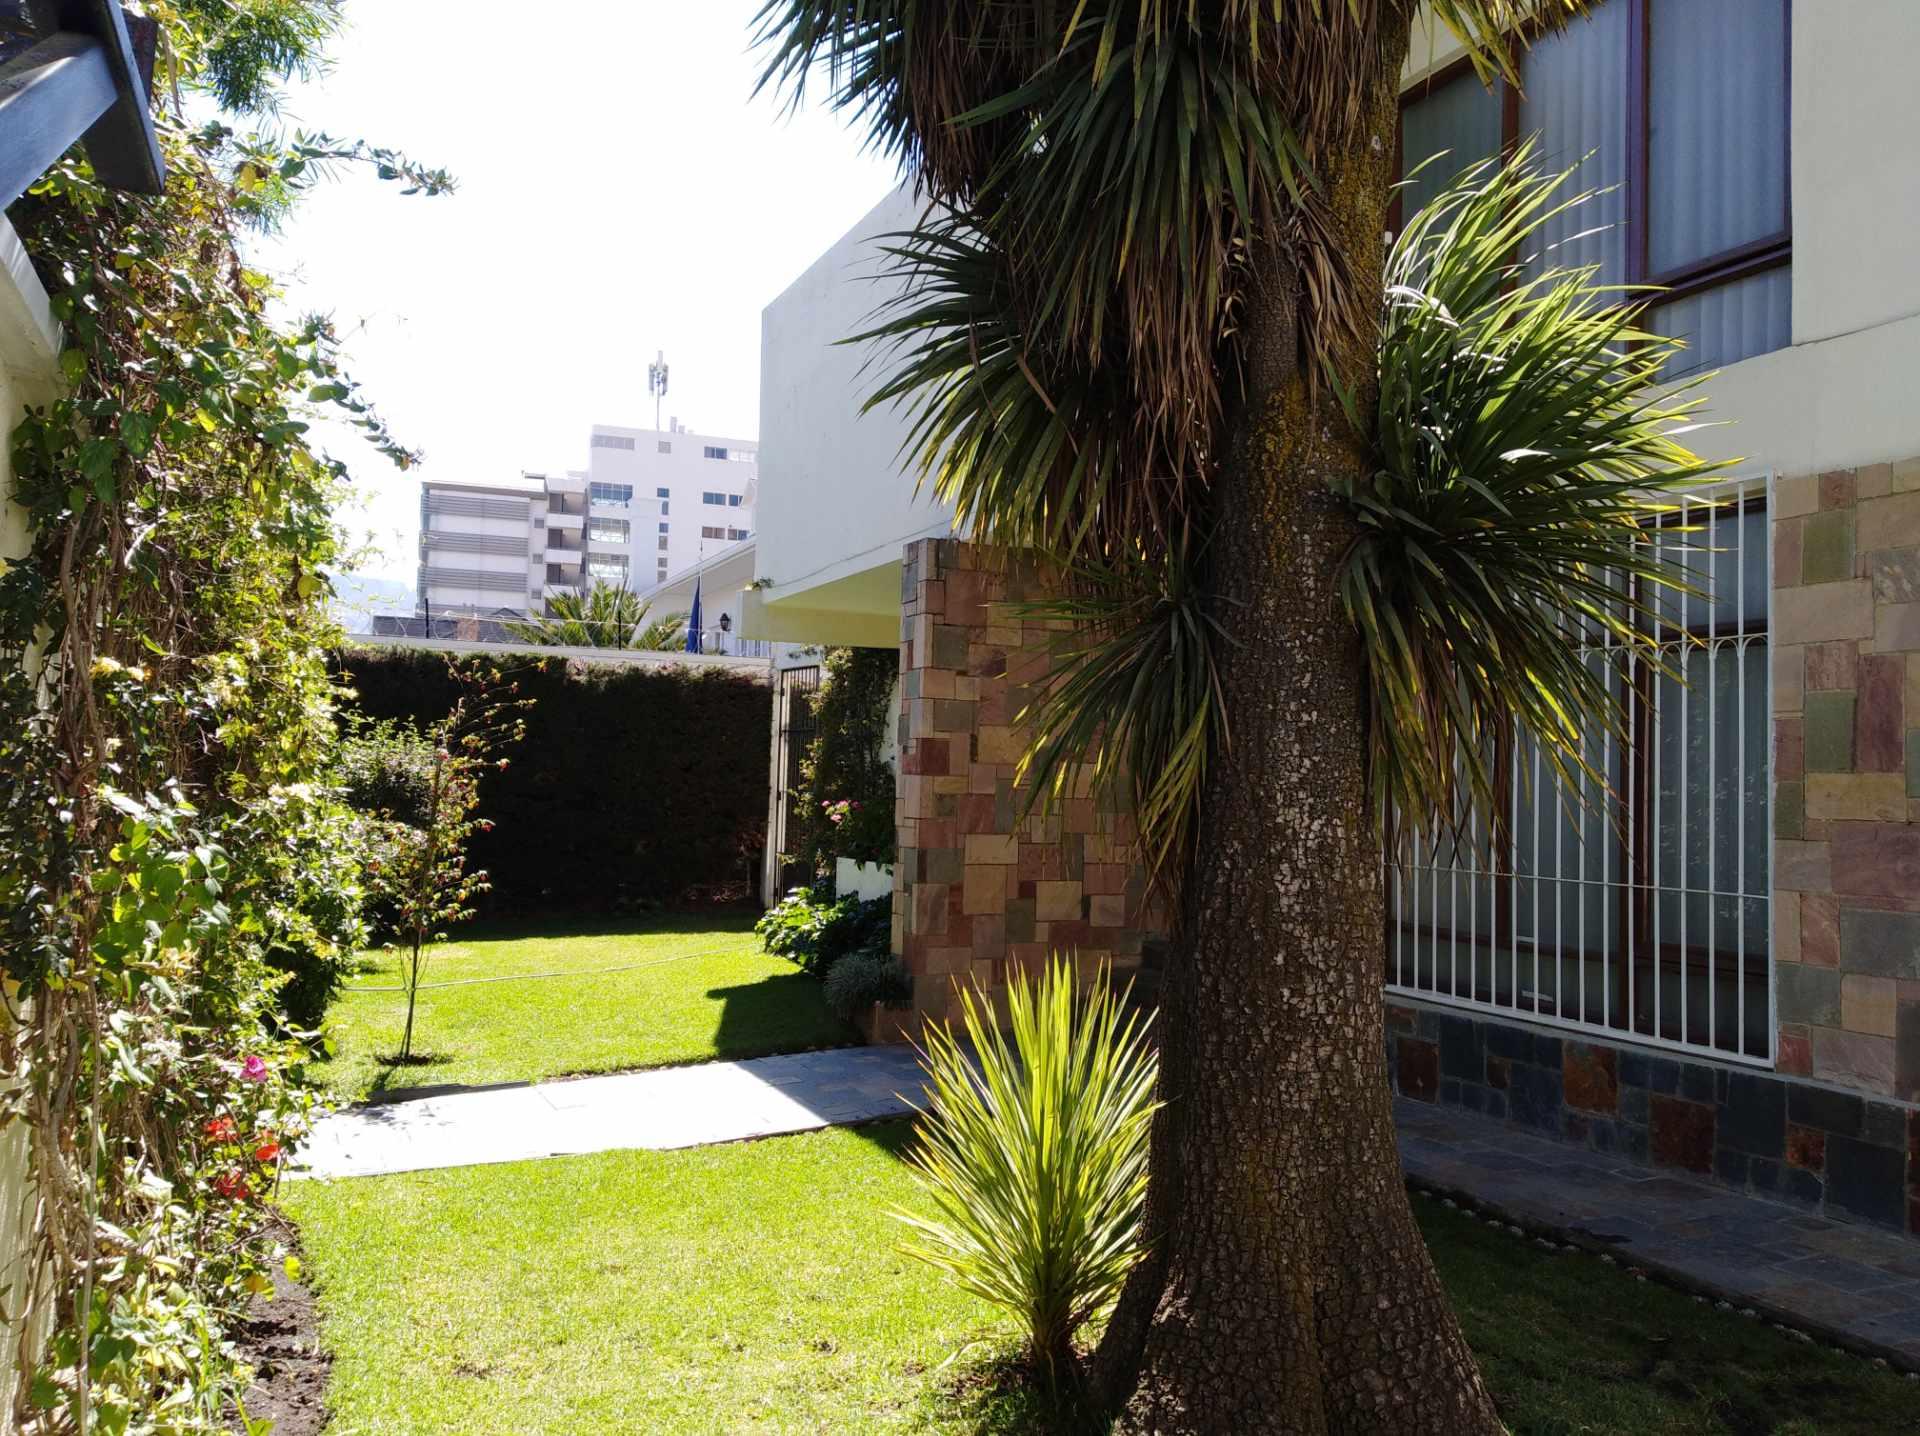 Casa en Alquiler CALACOTO calle 16 a 1/2 cuadra de la Av. Julio C. Patiño.  Foto 2